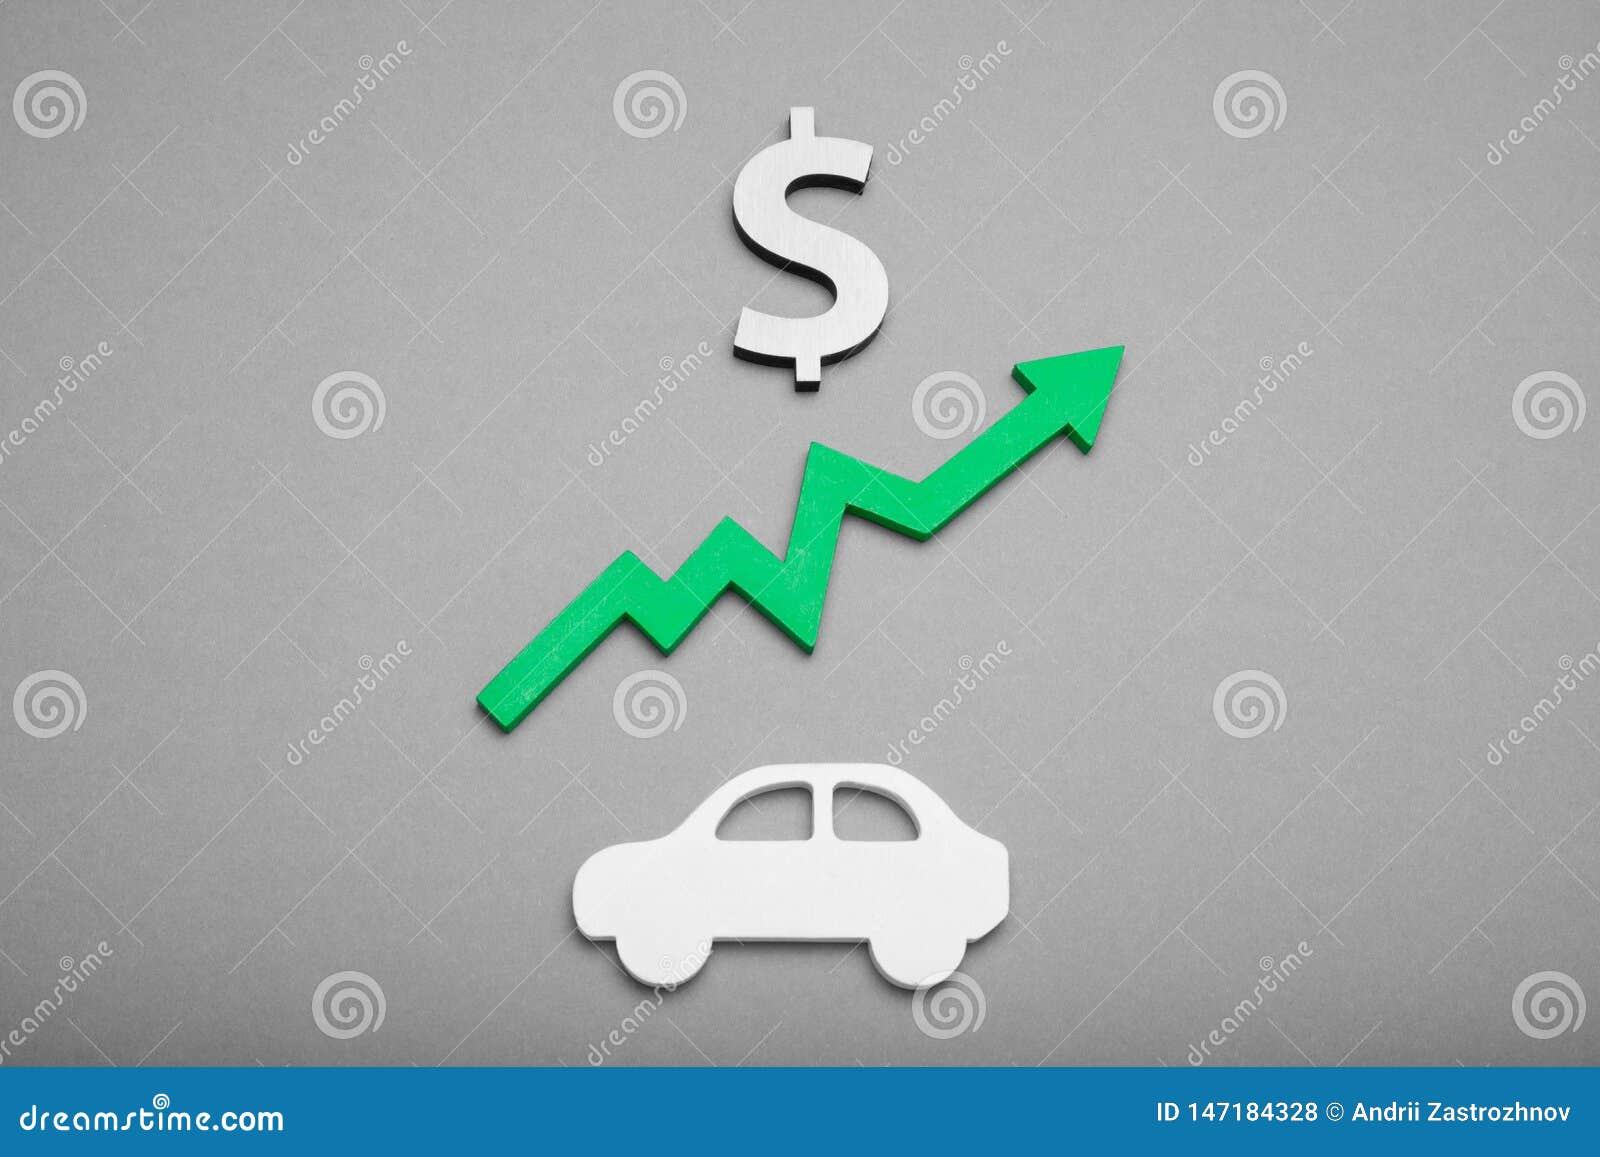 Steigender Autopreis, Automobilhintergrundkonzept Kostenkredit Versicherung, Investition, Wachstum